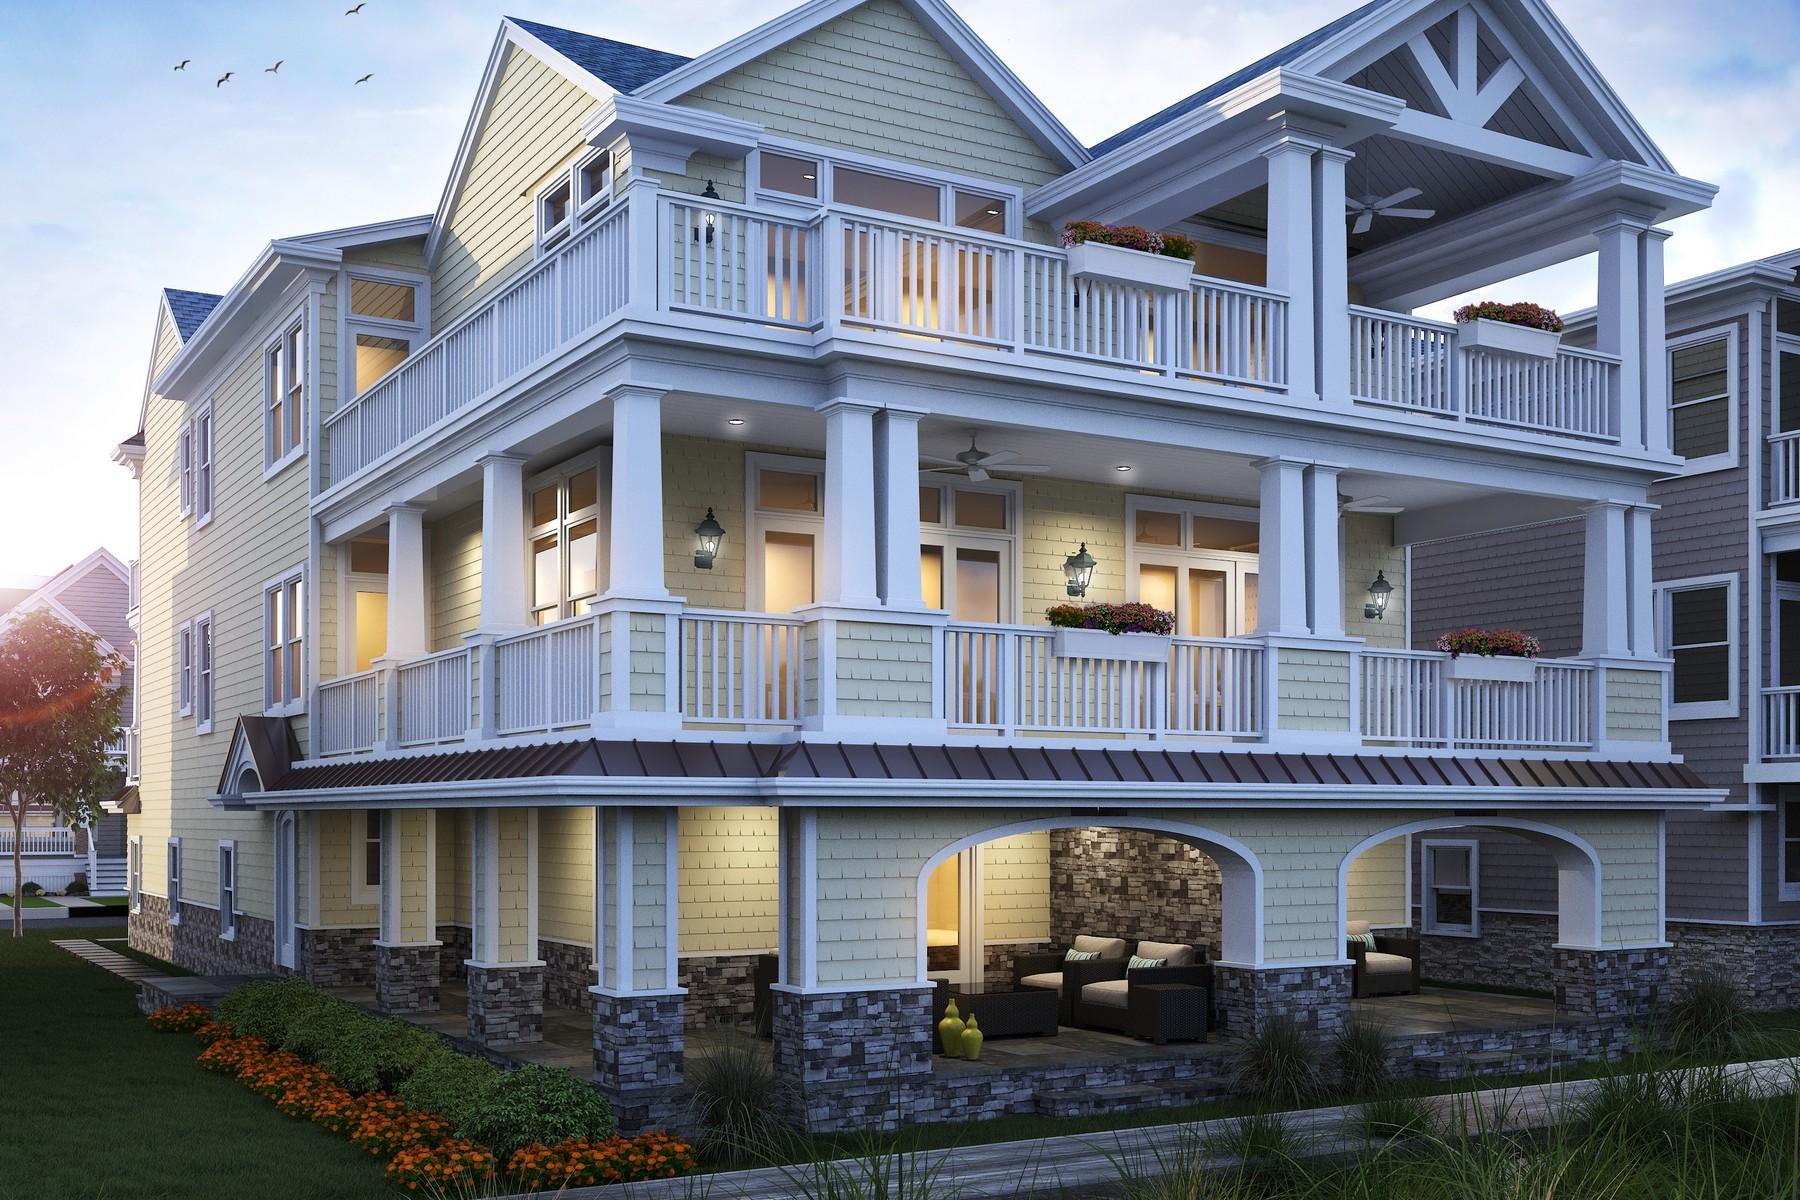 дуплекс для того Продажа на Tranquil Beachfront Duplex 3004-06 Wesley Avenue Ocean City, 08226 Соединенные Штаты